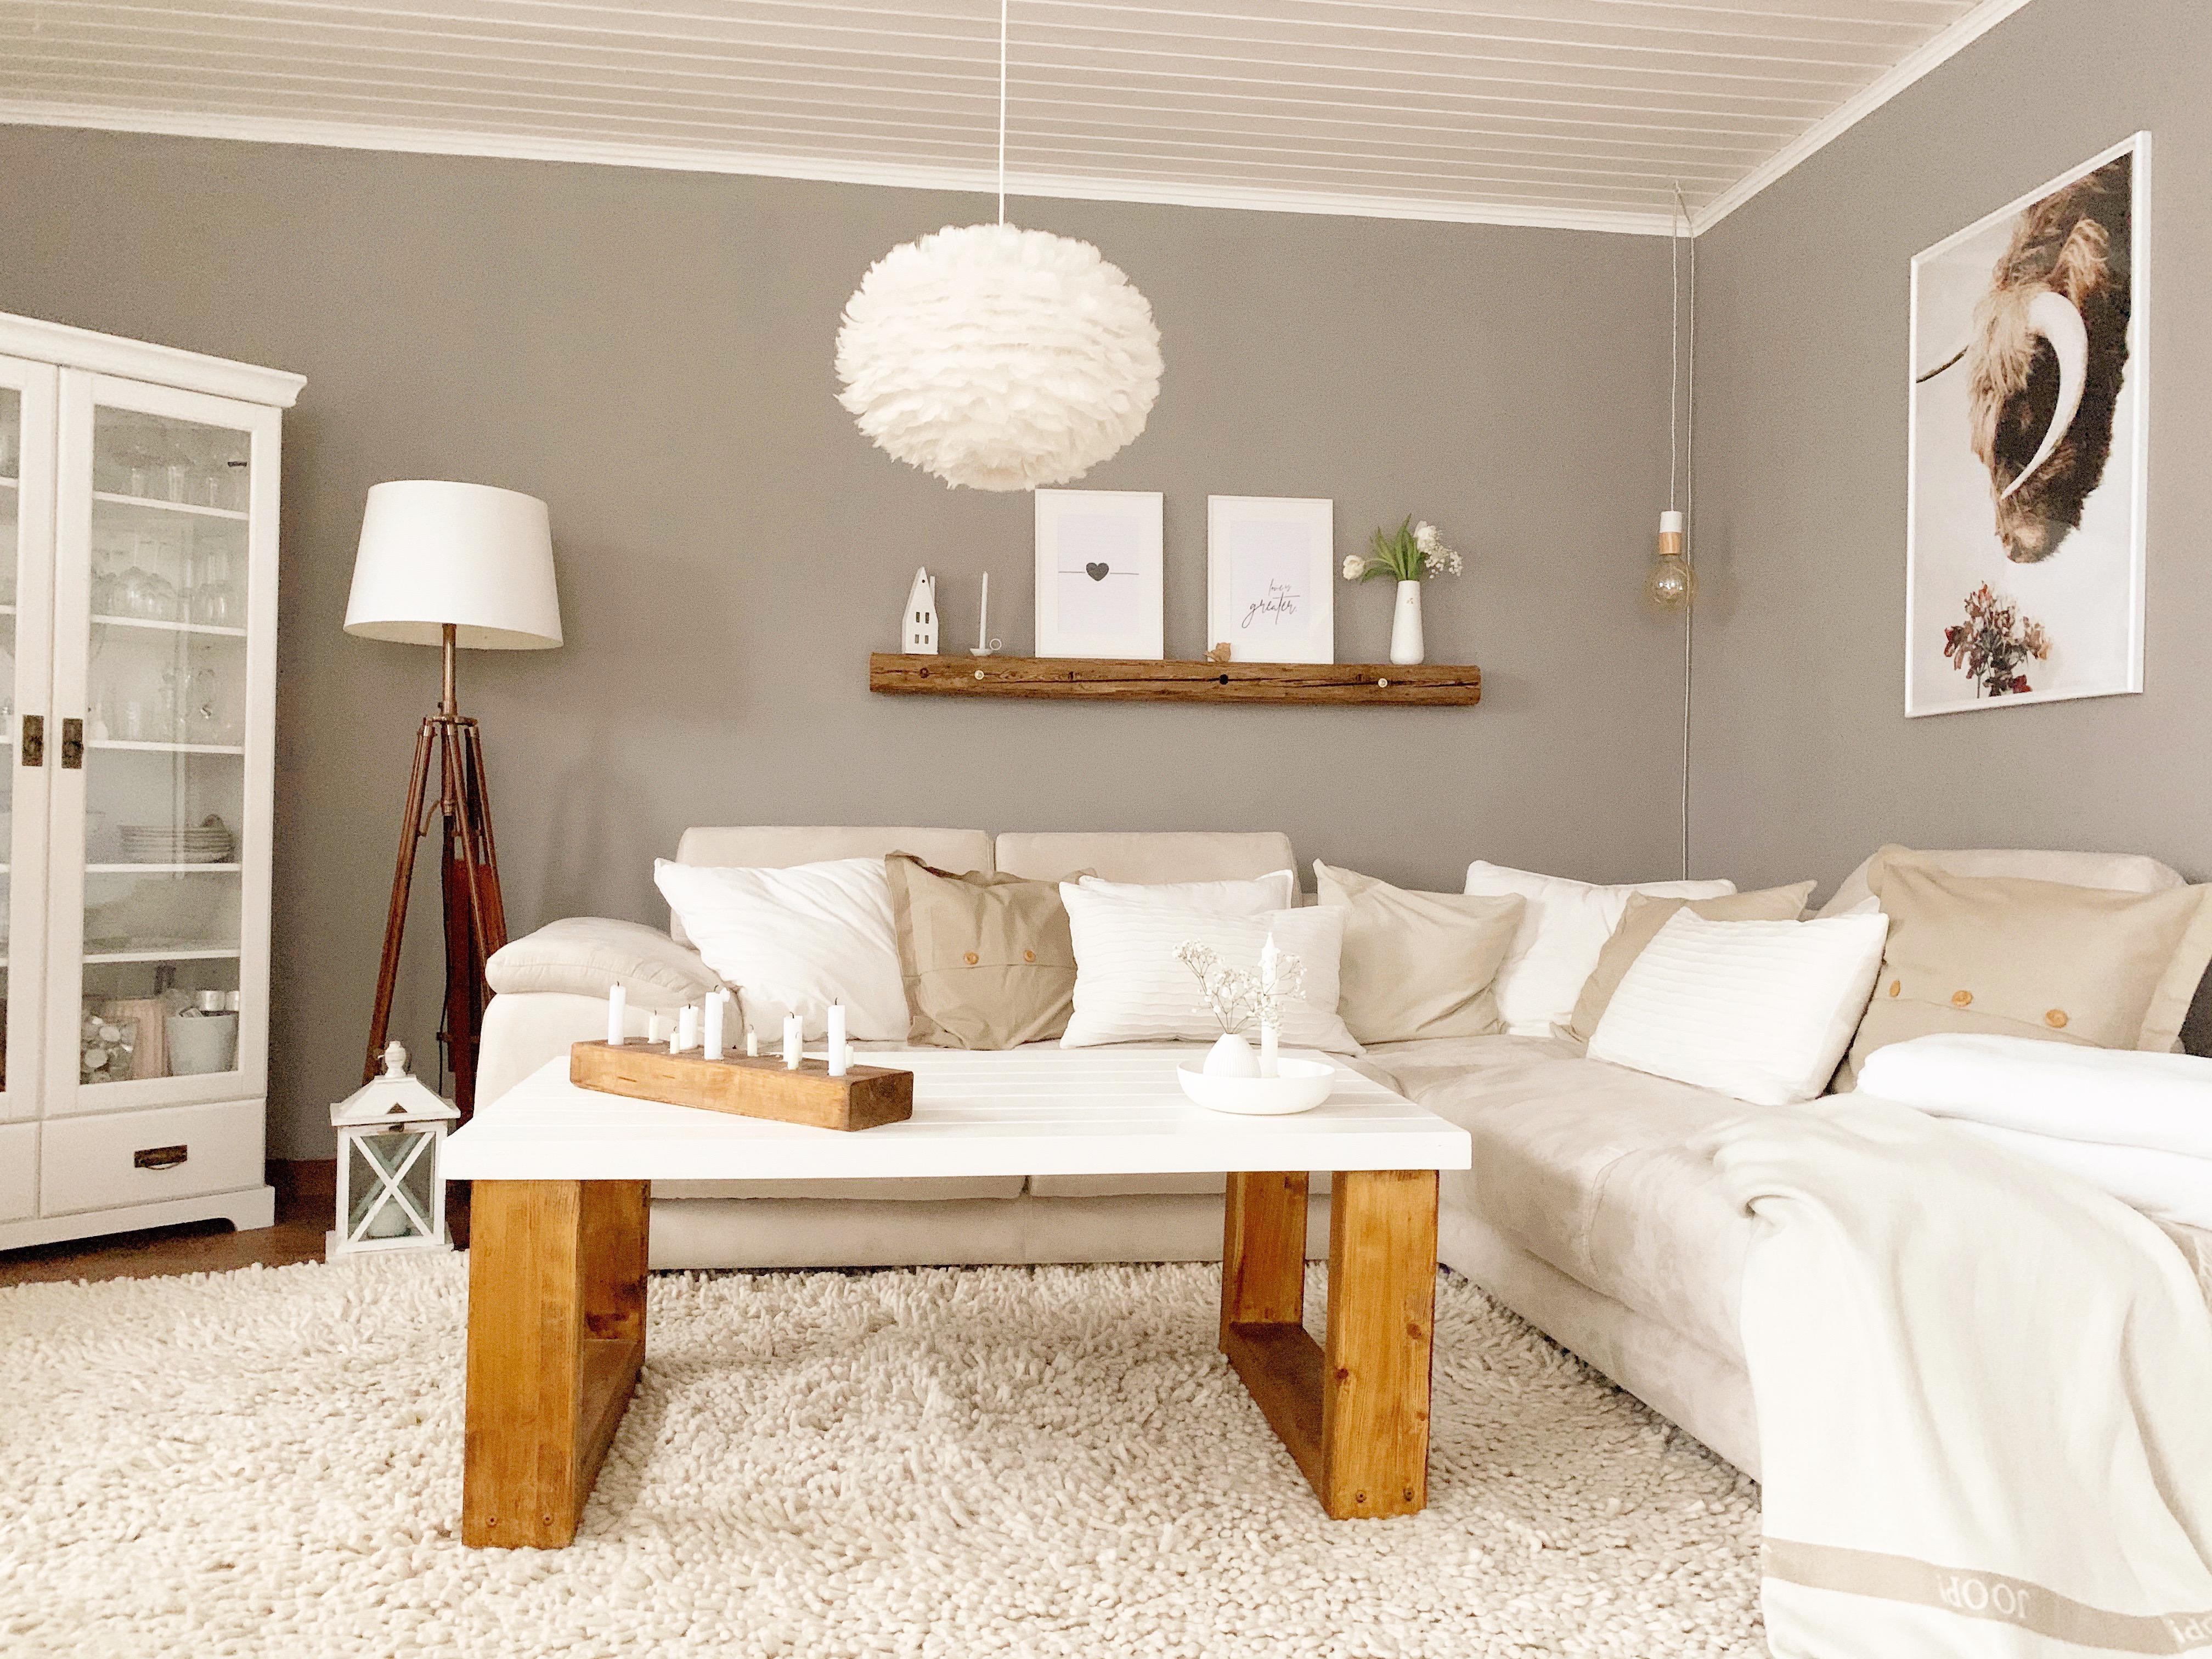 Wandfarbe: Farben für deine Wände